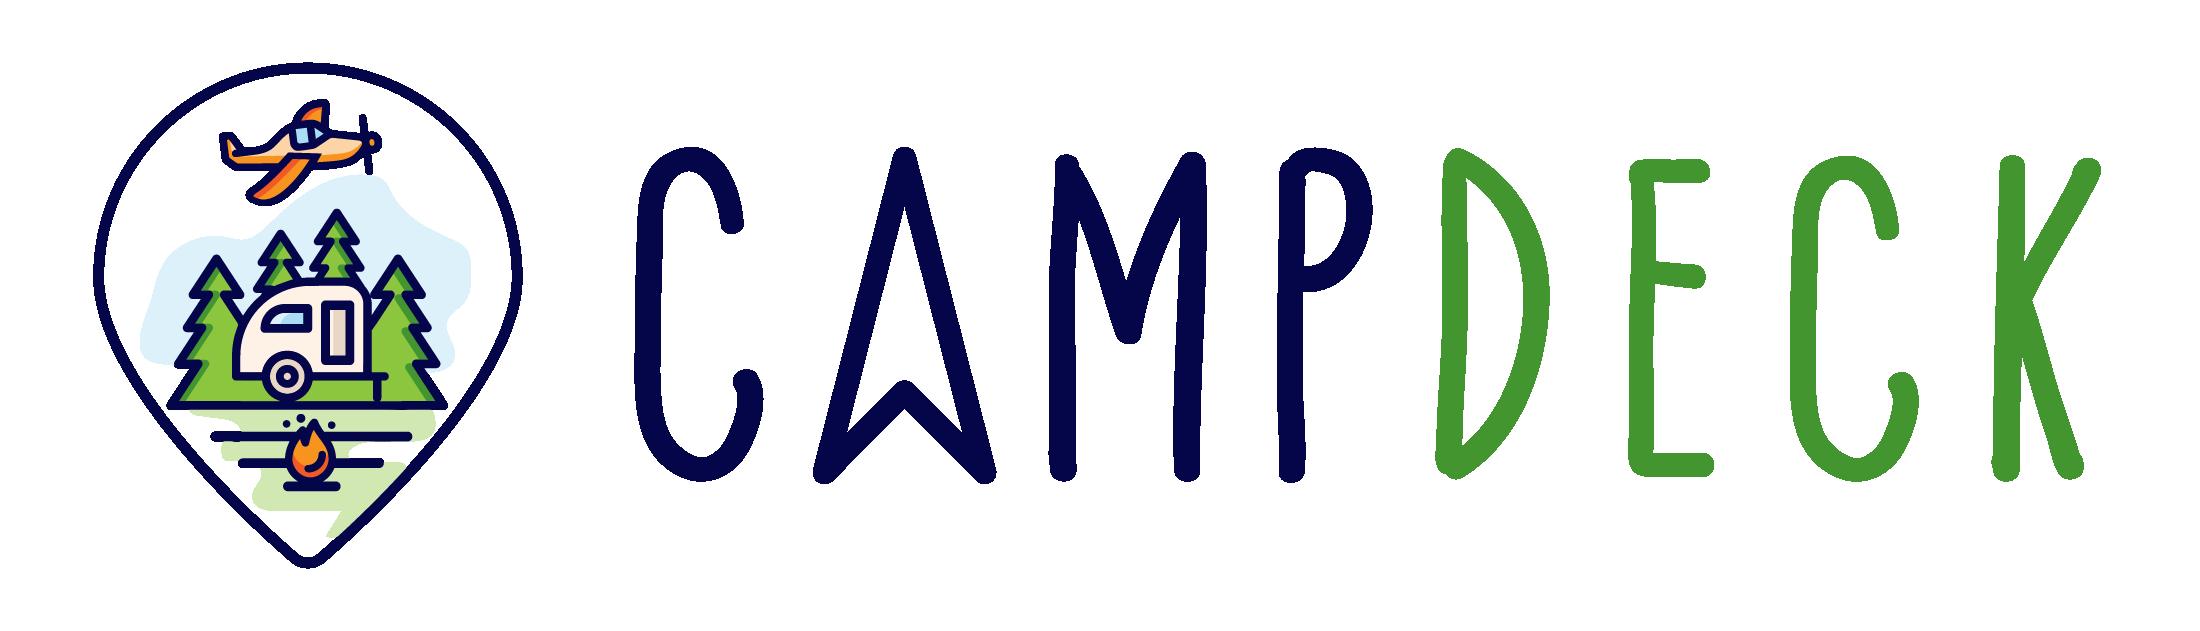 Blog CampDeck.com